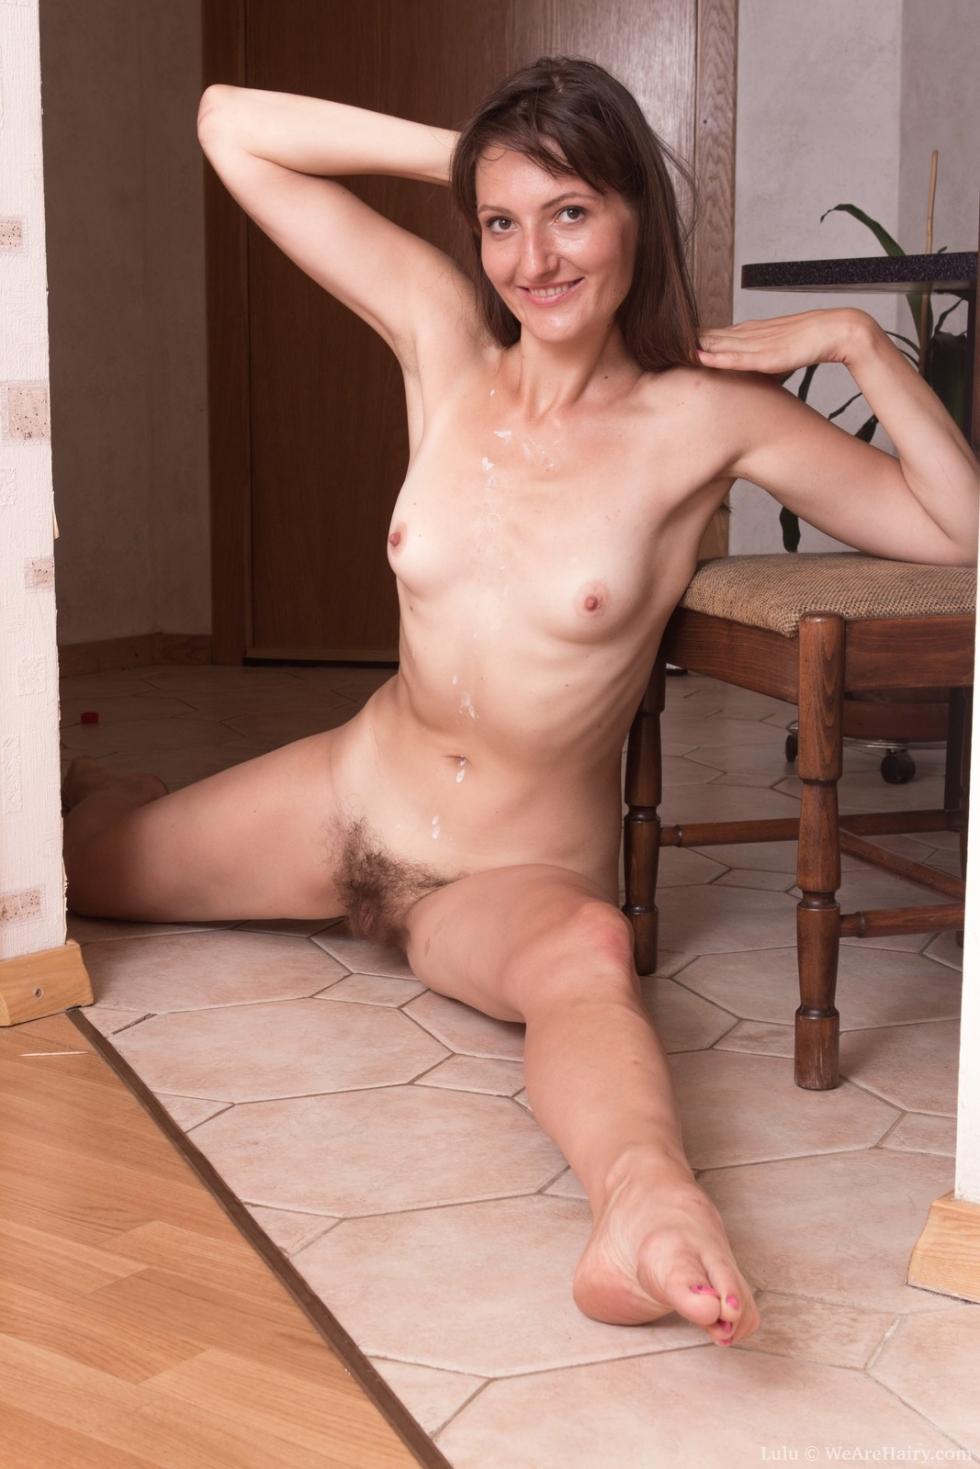 taylor gunz sexy hot nude photos